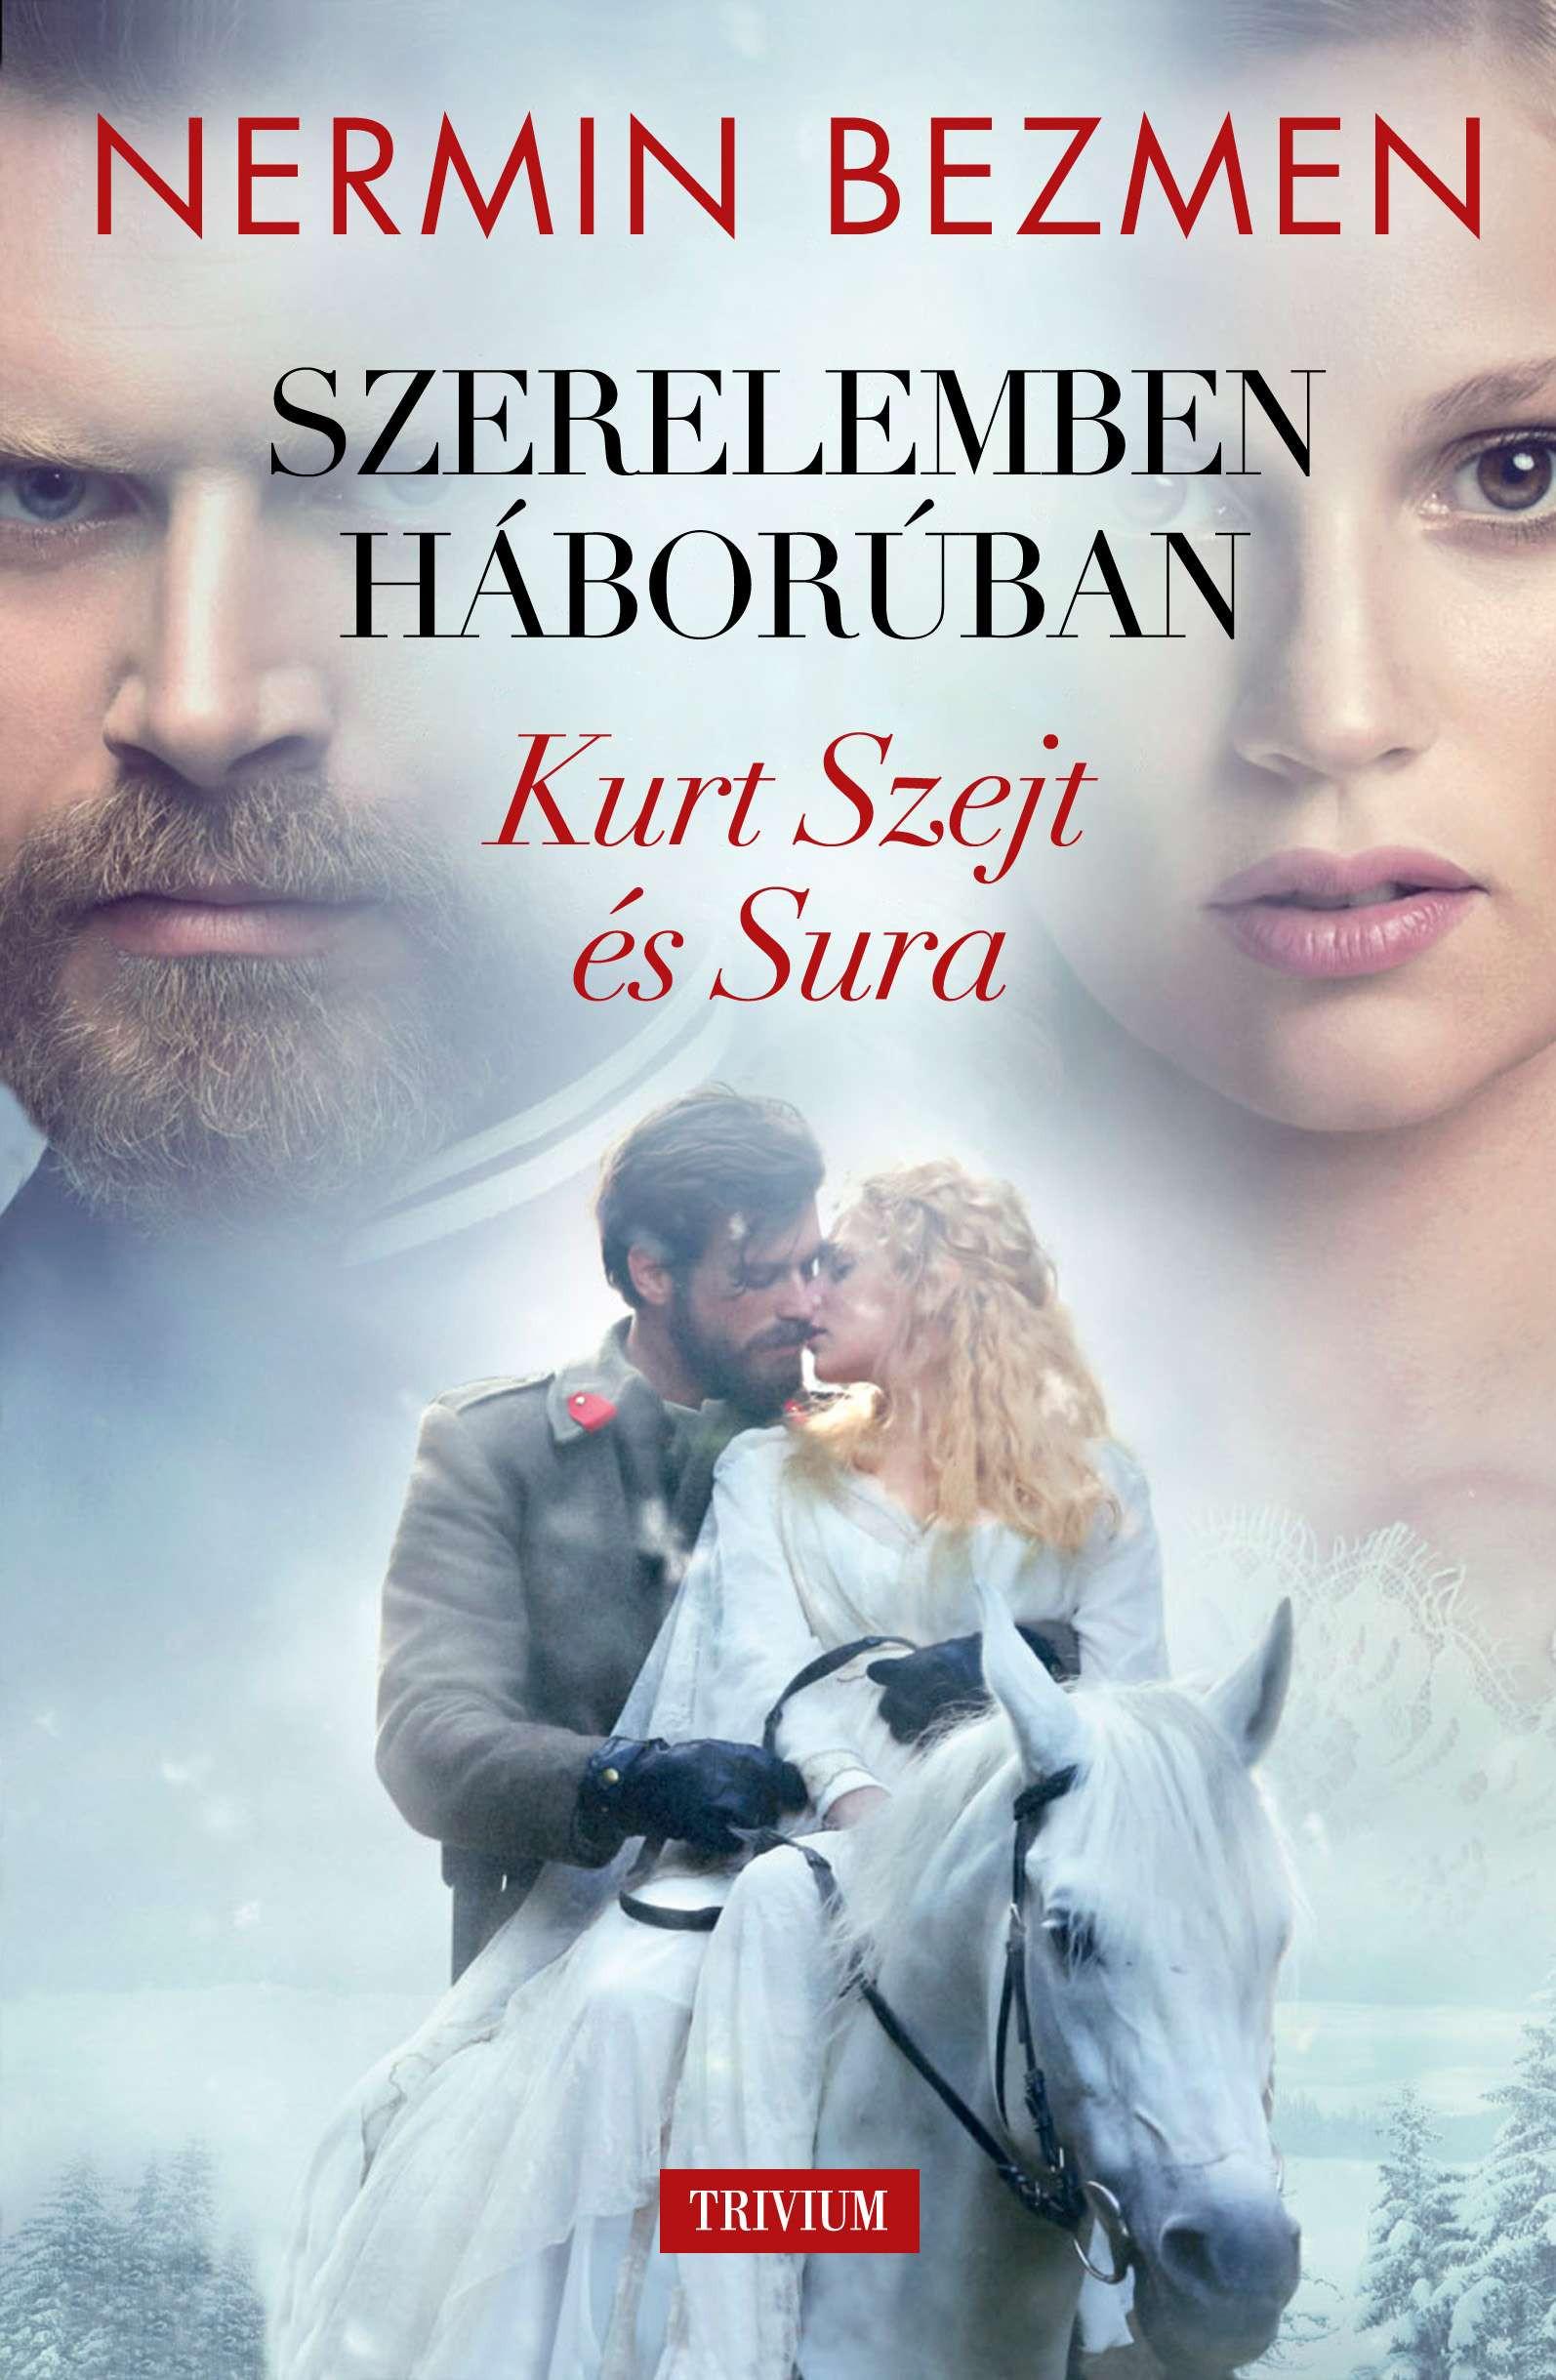 Szerelemben, háborúban - Kurt Szejt és Sura